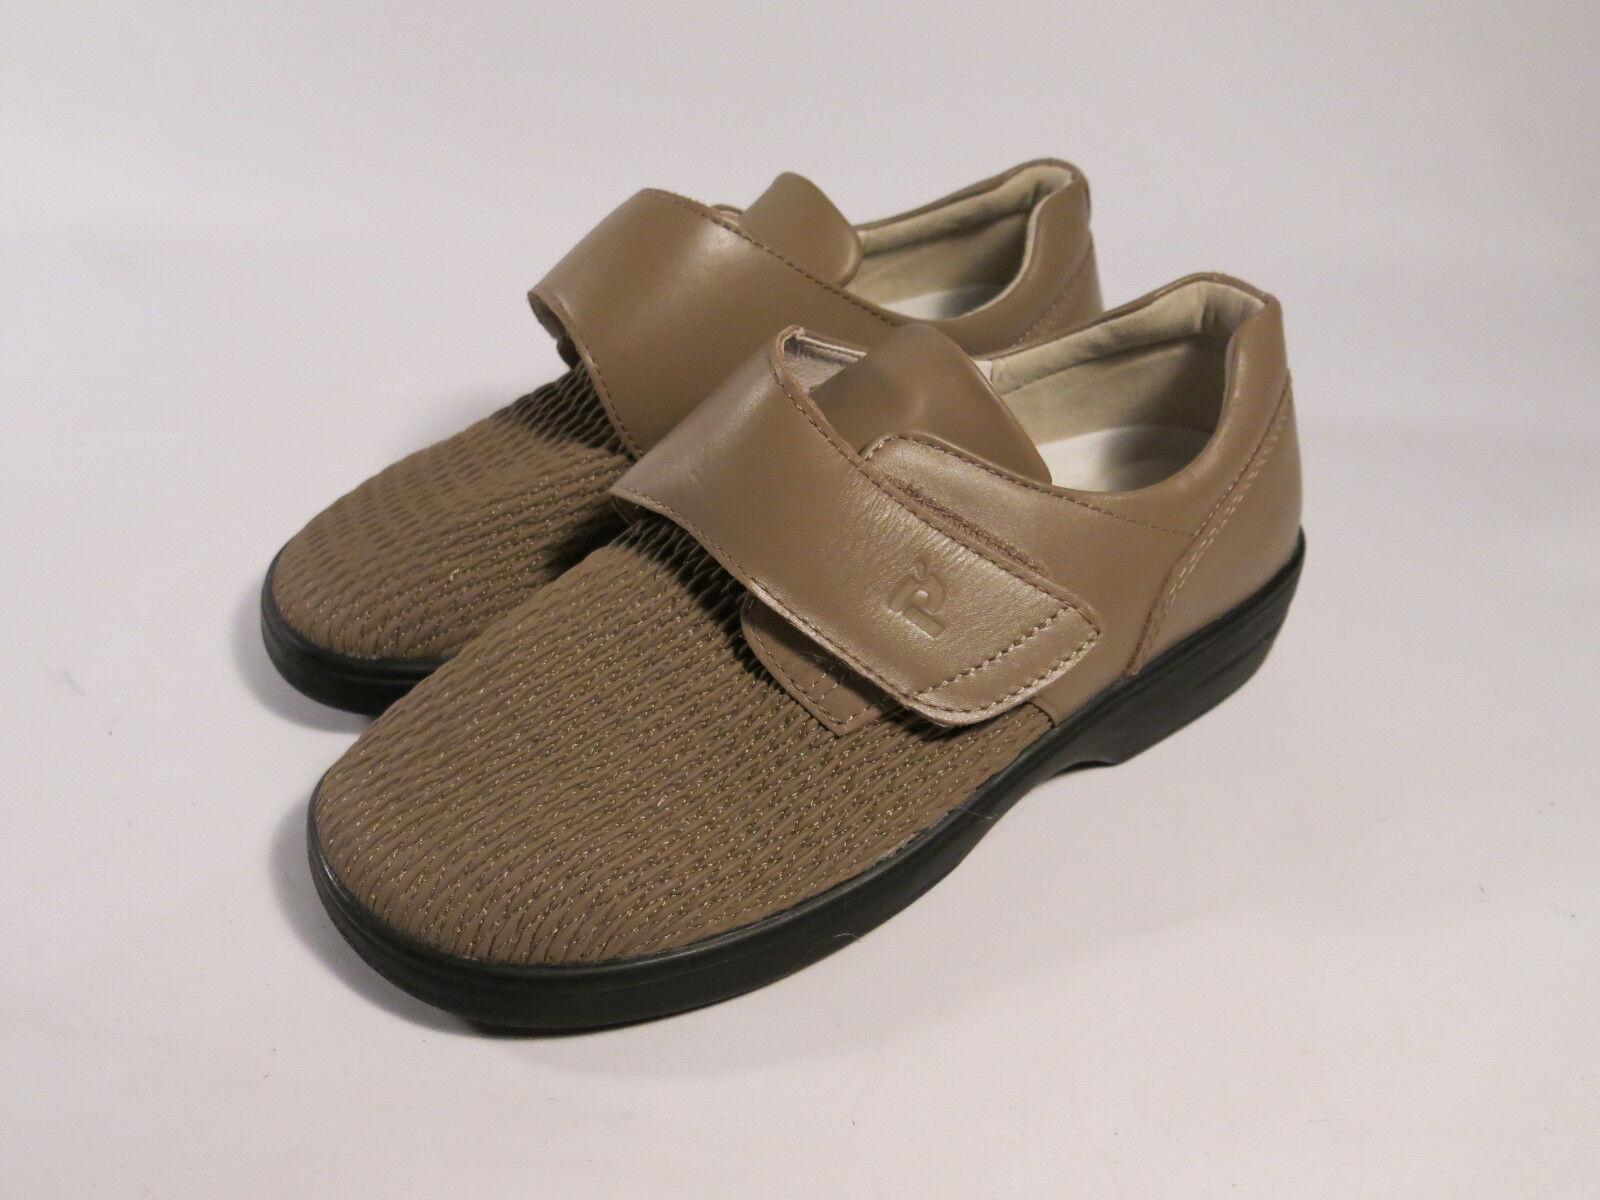 Menta Propet para para para mujer 8 Olivia Velcro Comodidad Plana Zapatos Oxford Bronceado Ped receta  promociones